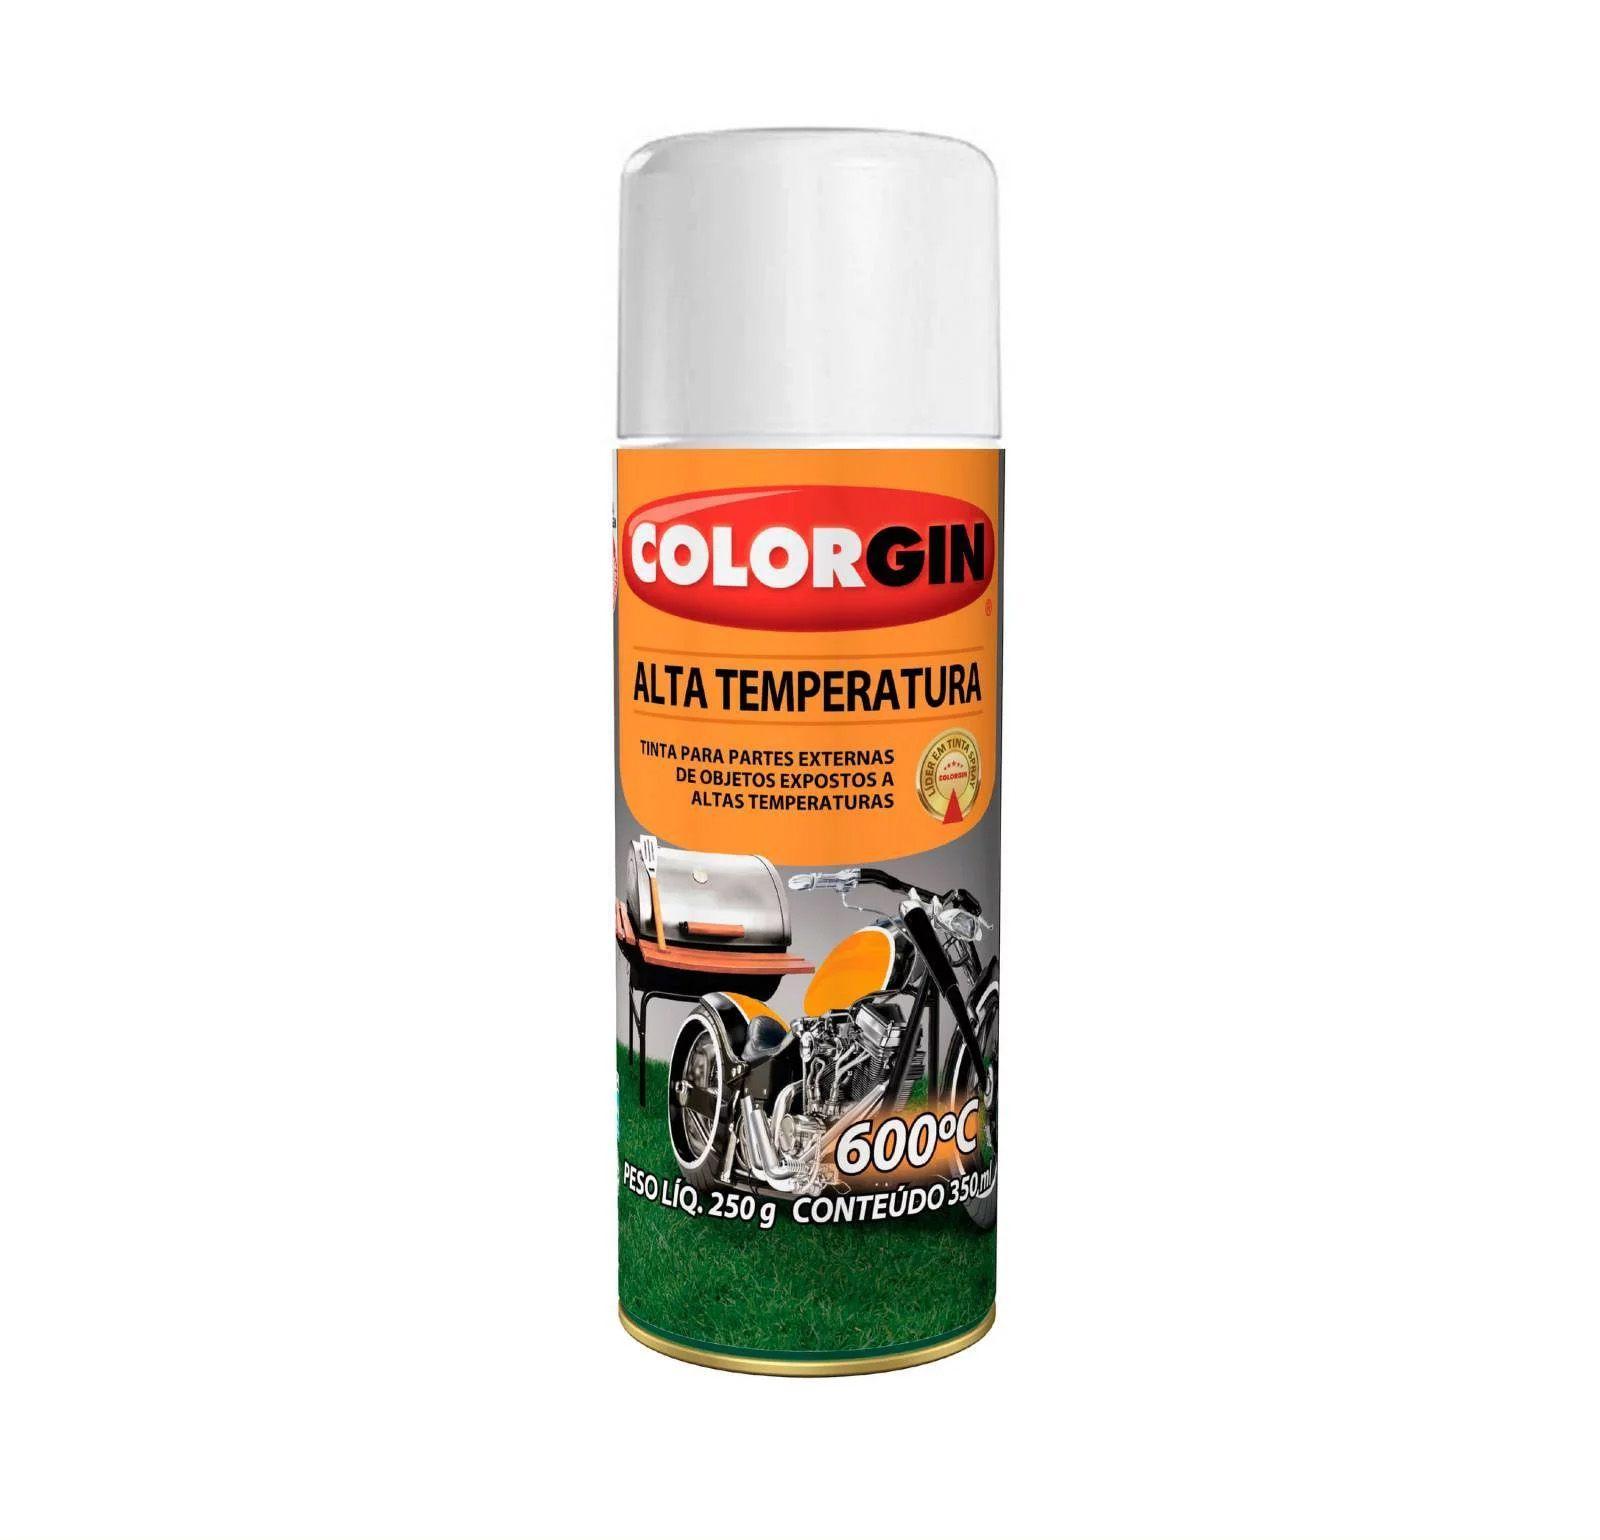 Spray 5724 Alta Temperatura 600Gr Branco Colorgin